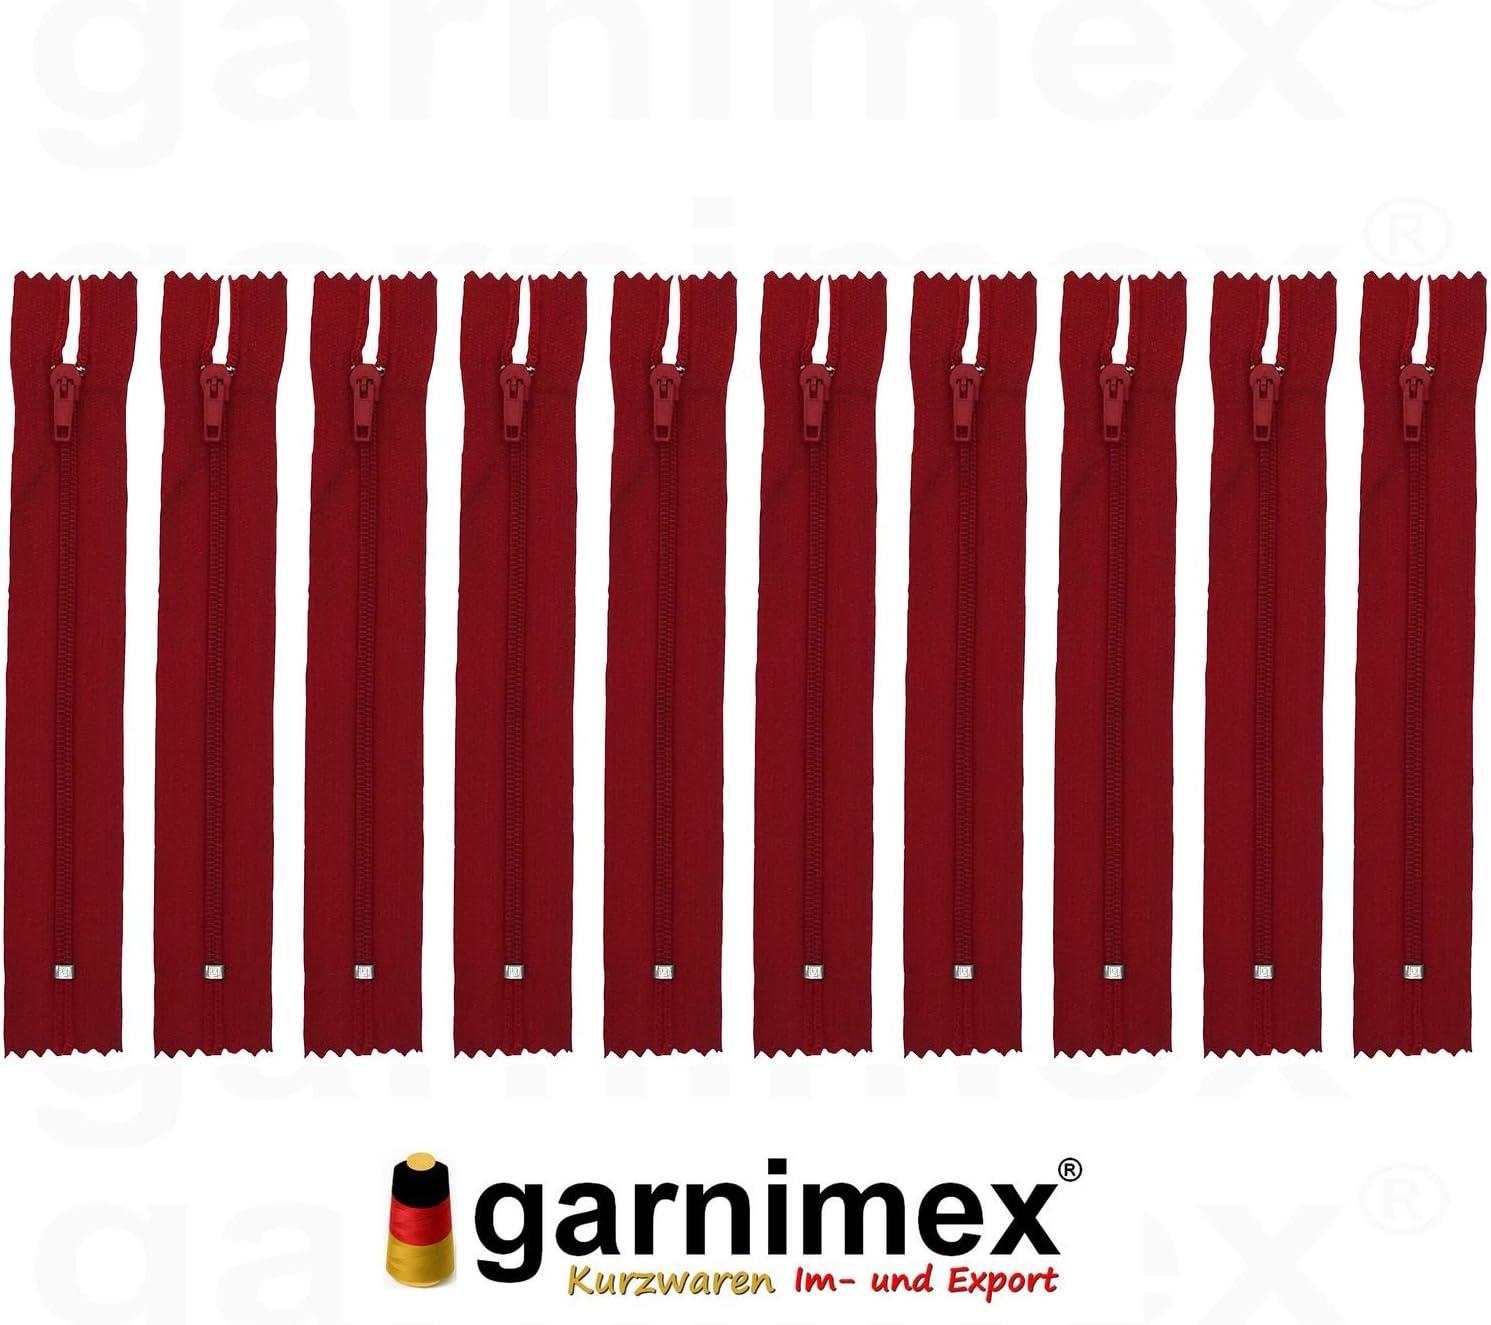 garnimex Lot de 10 Fermetures /Éclair 40 cm x 10 Couleurs 19 Rouge tomates Assorties